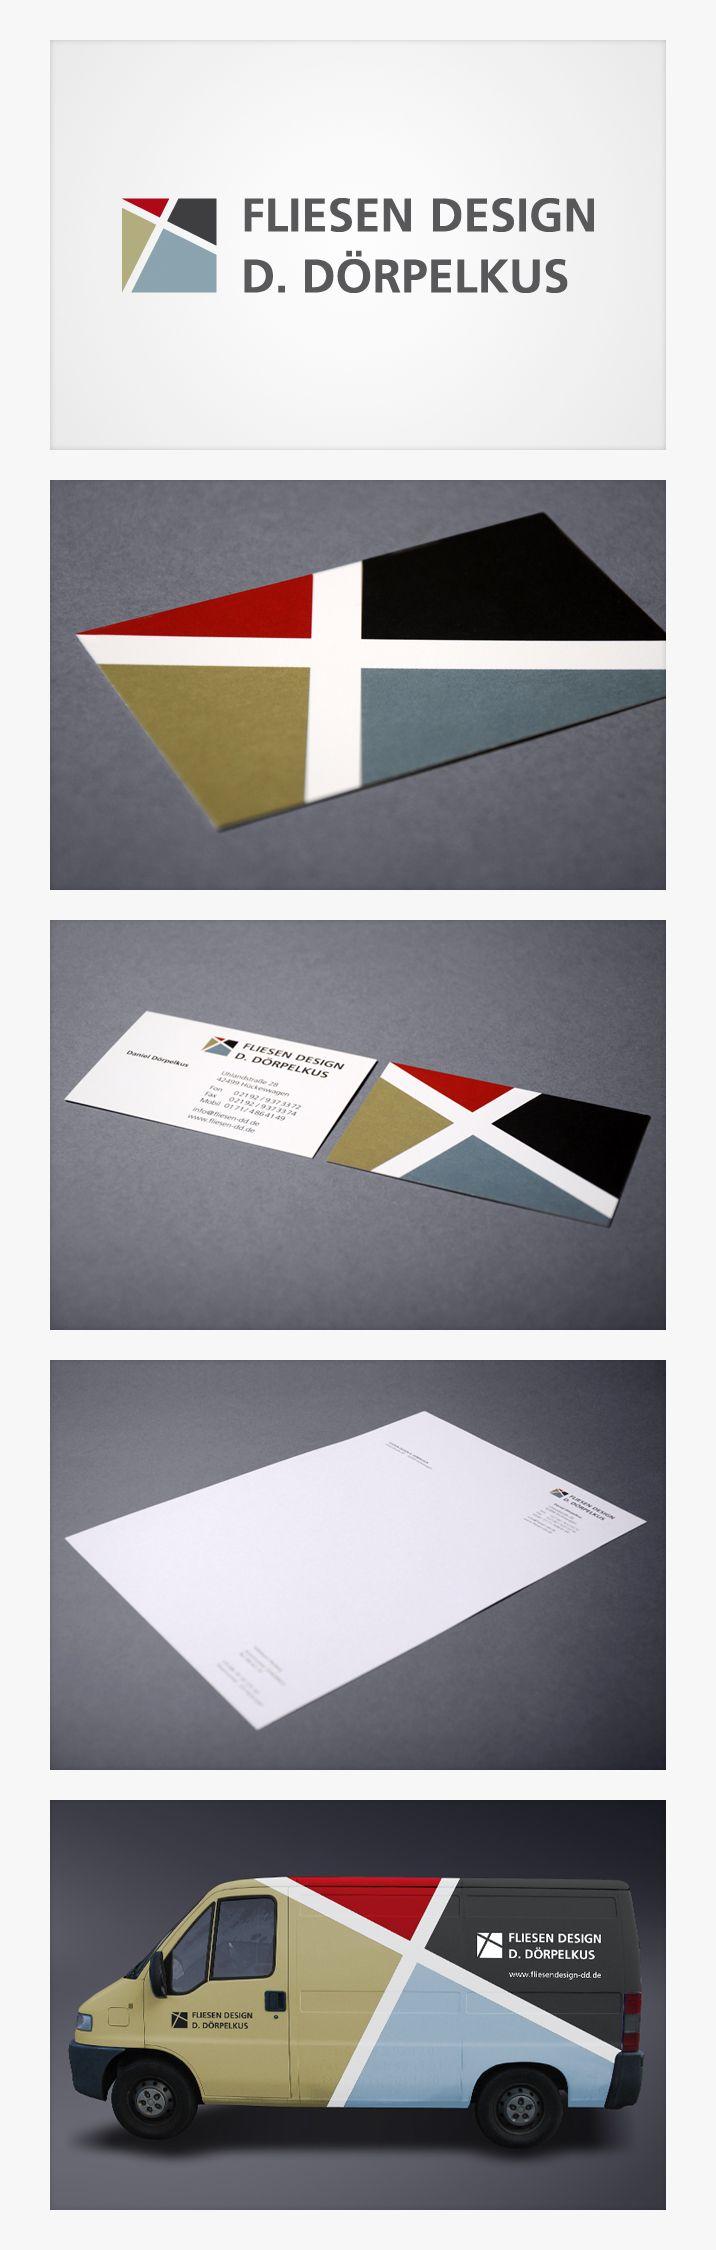 Design Concept Tiler